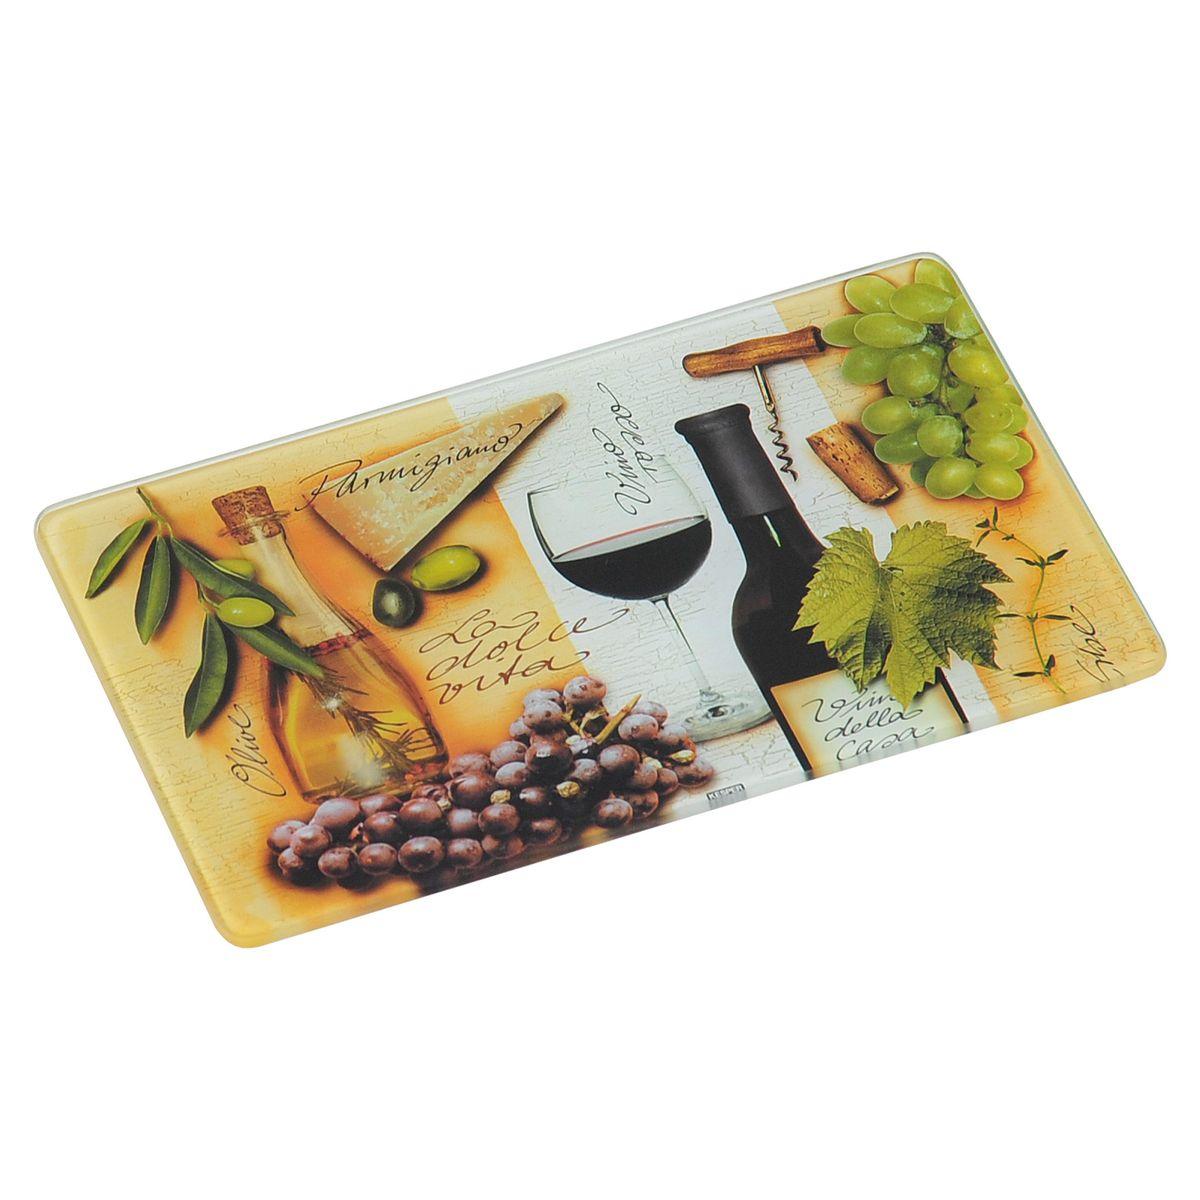 Доска разделочная Kesper Italien, 23,5 х 14,5 см3627-1Разделочная доска Kesper Italien, изготовленная из гладкого закаленного стекла с ярким рисунком, станет незаменимым атрибутом приготовления пищи. Доска устойчива к повреждениям и не впитывает запахи, идеально подходит для разделки мяса, рыбы, приготовления теста и для нарезки любых продуктов. Доску можно использовать как подставку под горячее, так как она выдерживает температуру до 280°C. Силиконовые ножки, расположенные на основании, не позволят разделочной доске скользить по столу.